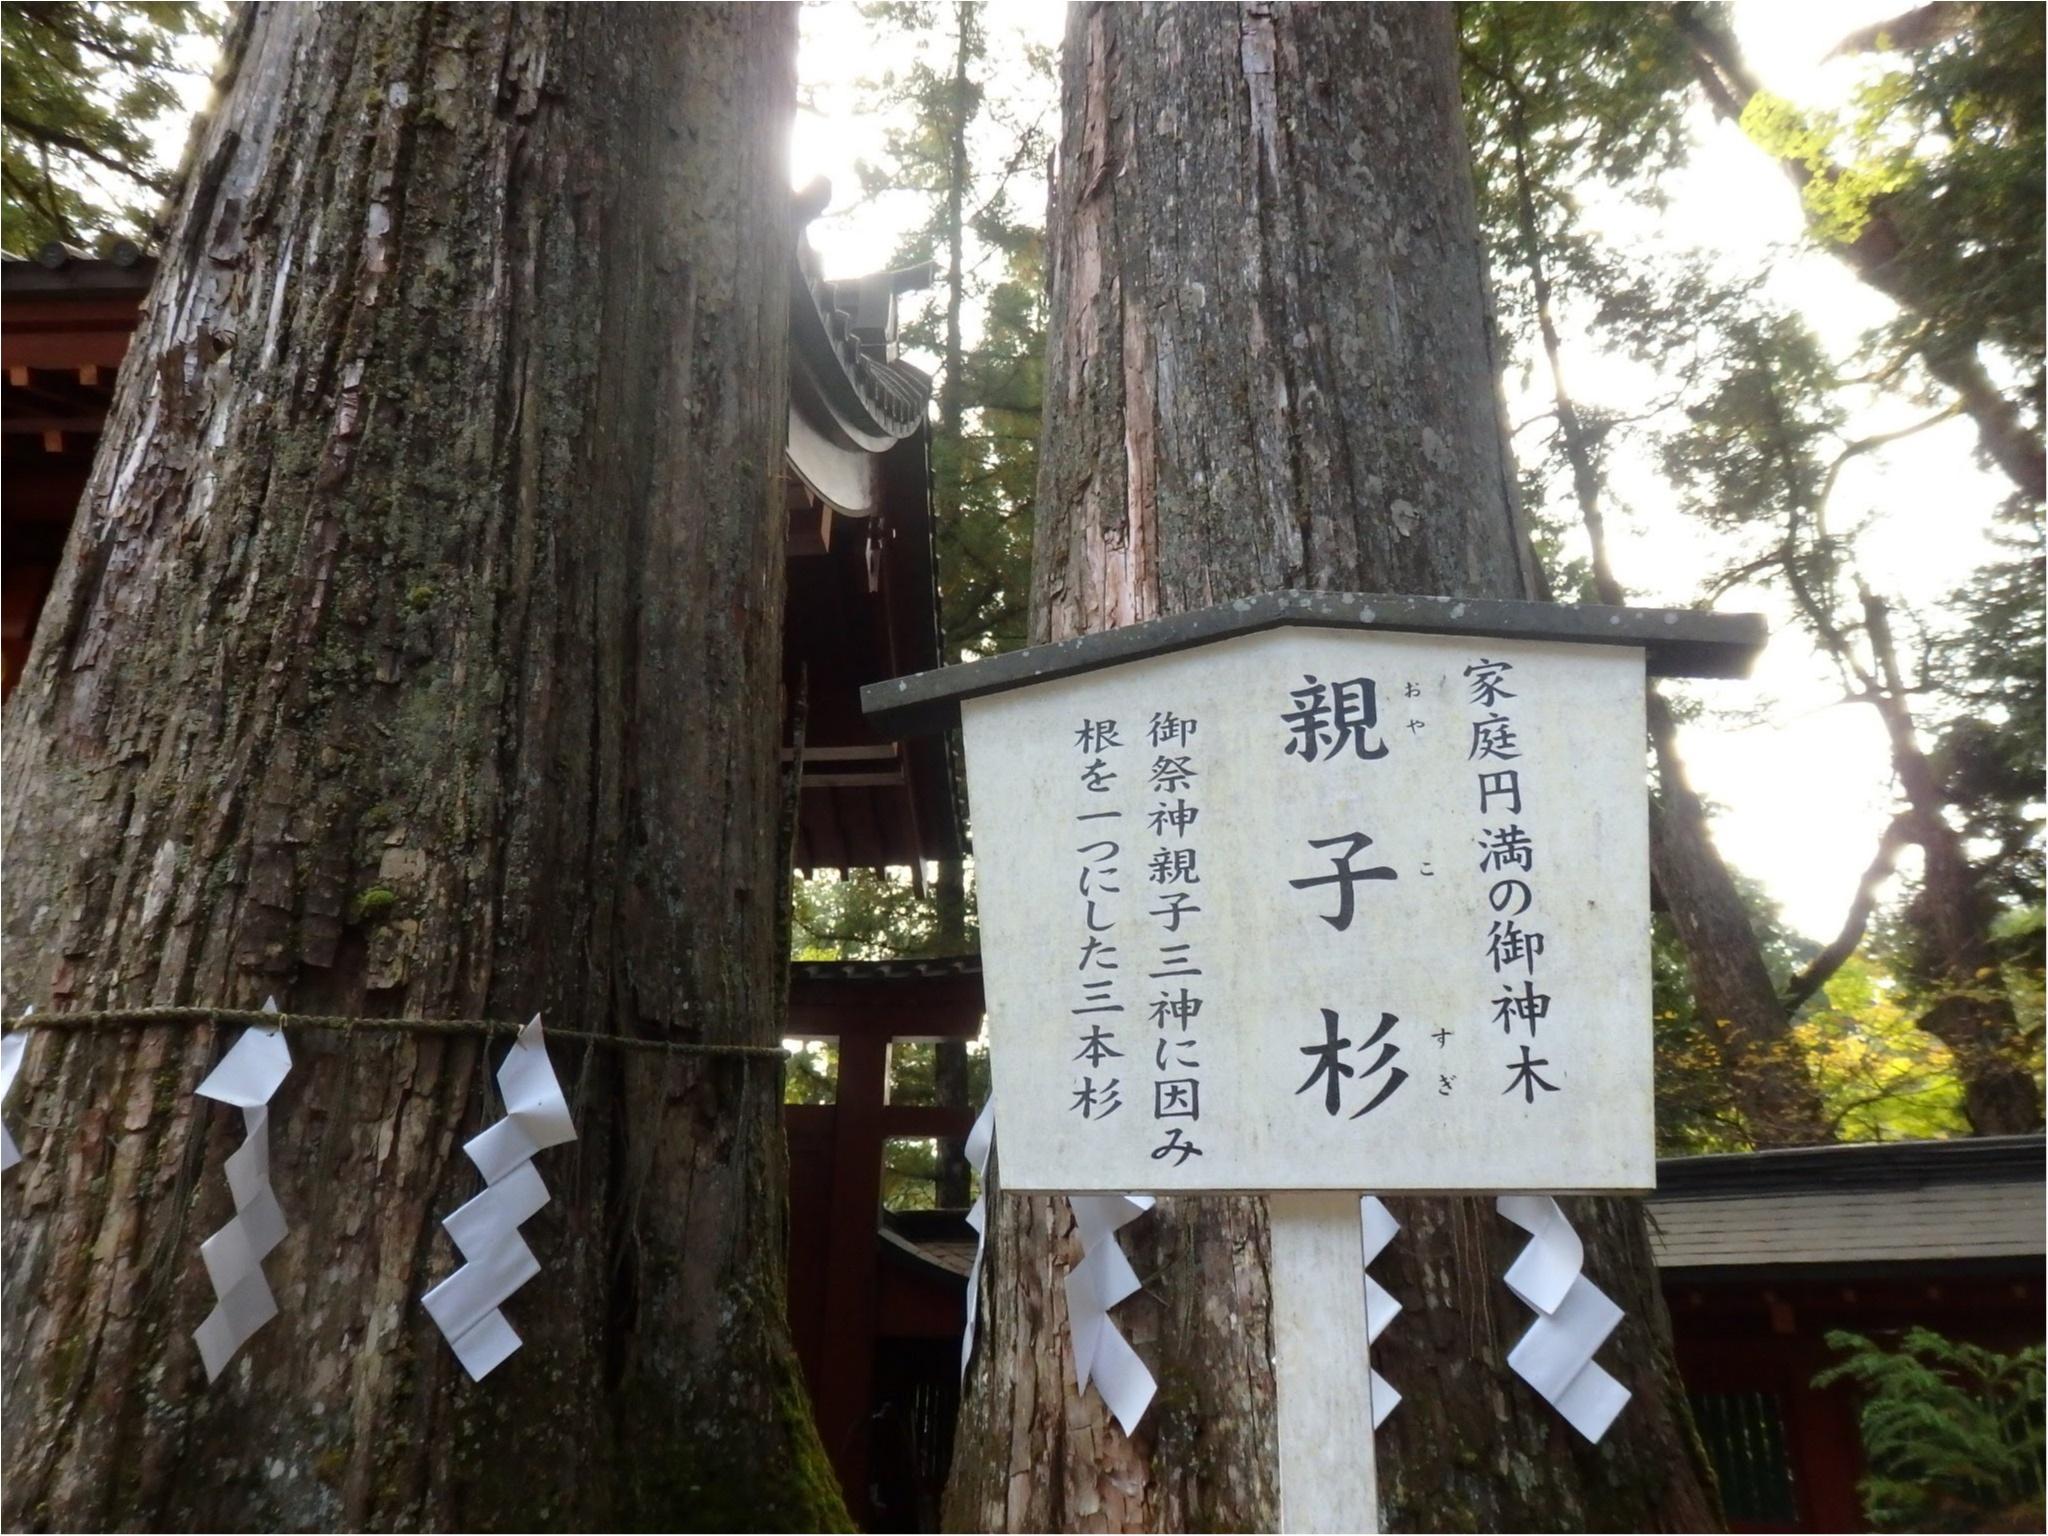 【知らなかった!】日本一楽しめる神社へ潜入してみた_12